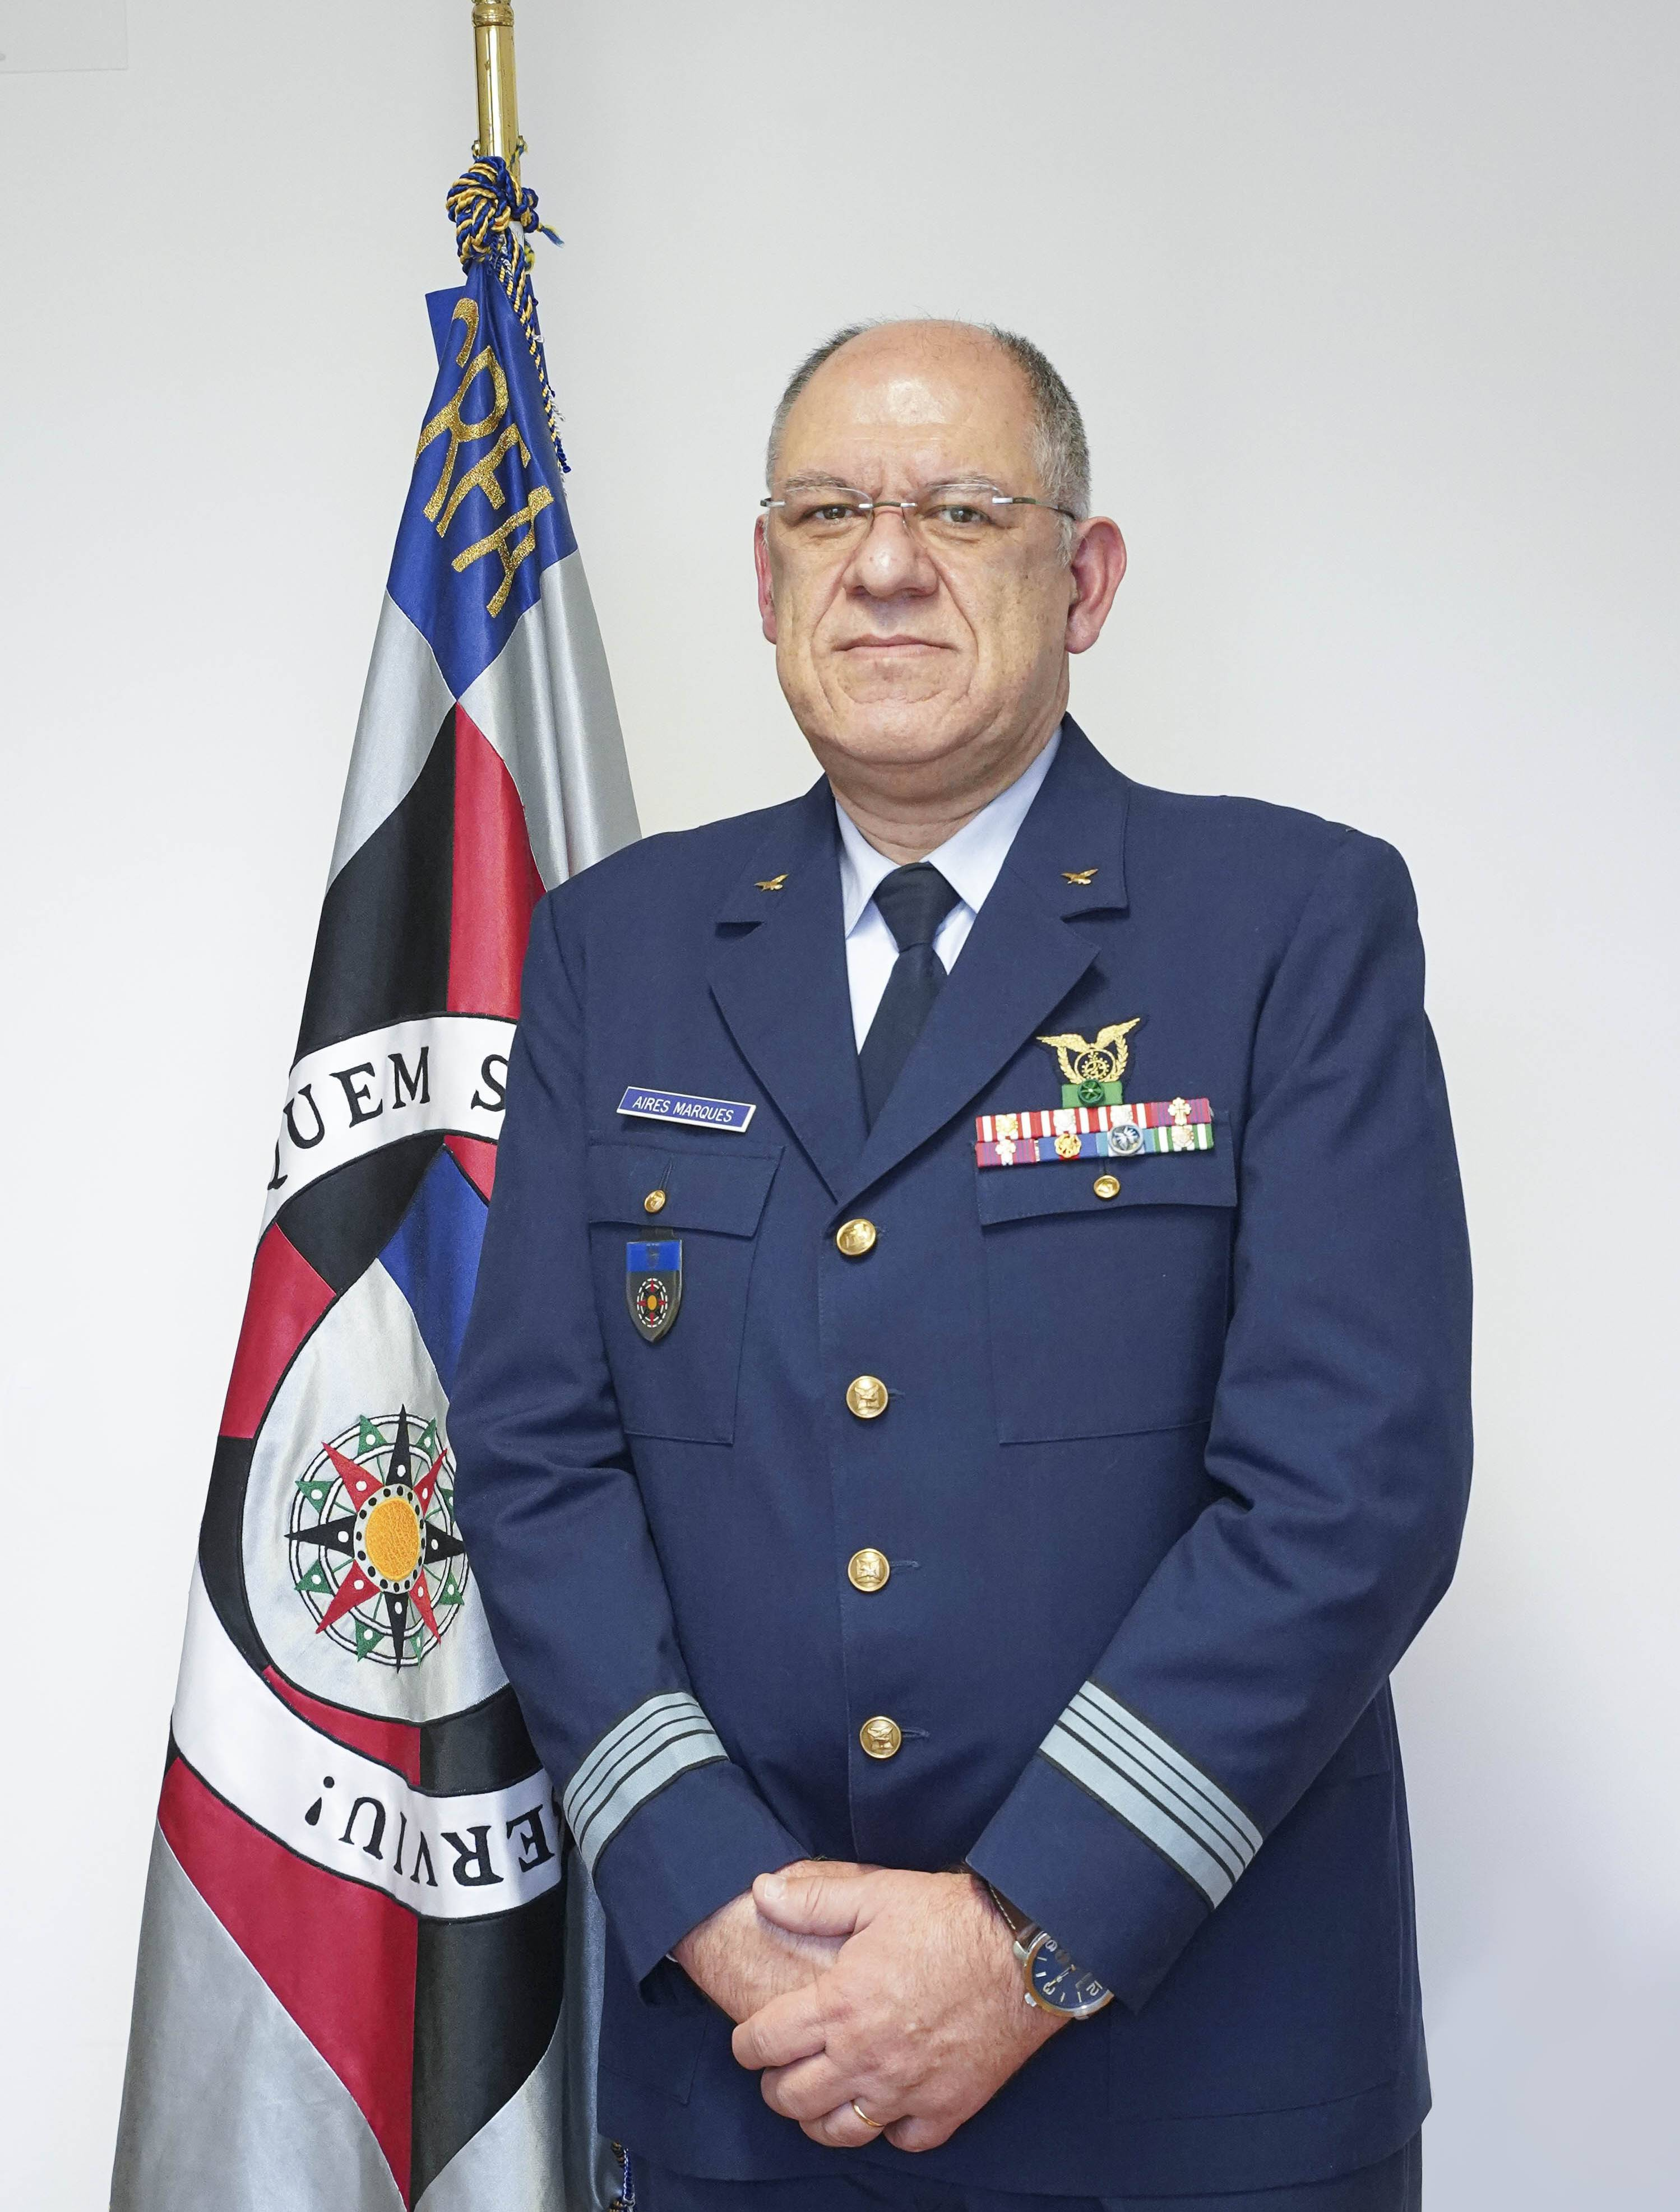 Foto de Coronel Aires Manuel Tavares Marques